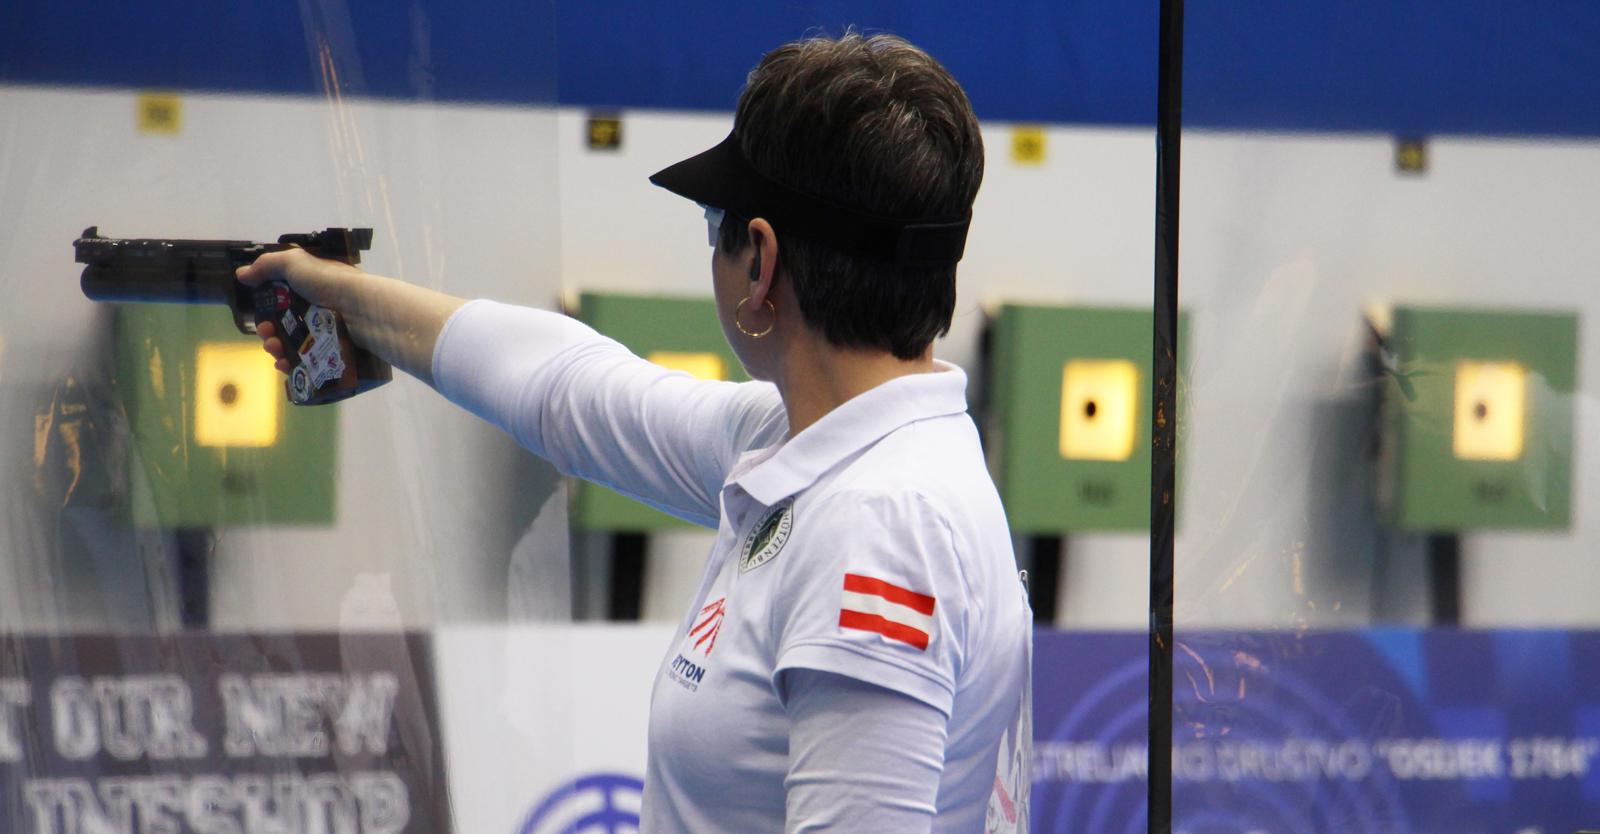 Sylvia Steiner verpasste Finalqualifikation im EM-Luftpistolenbewerb der Frauen um Haaresbreite © Margit Melmer, ÖSB